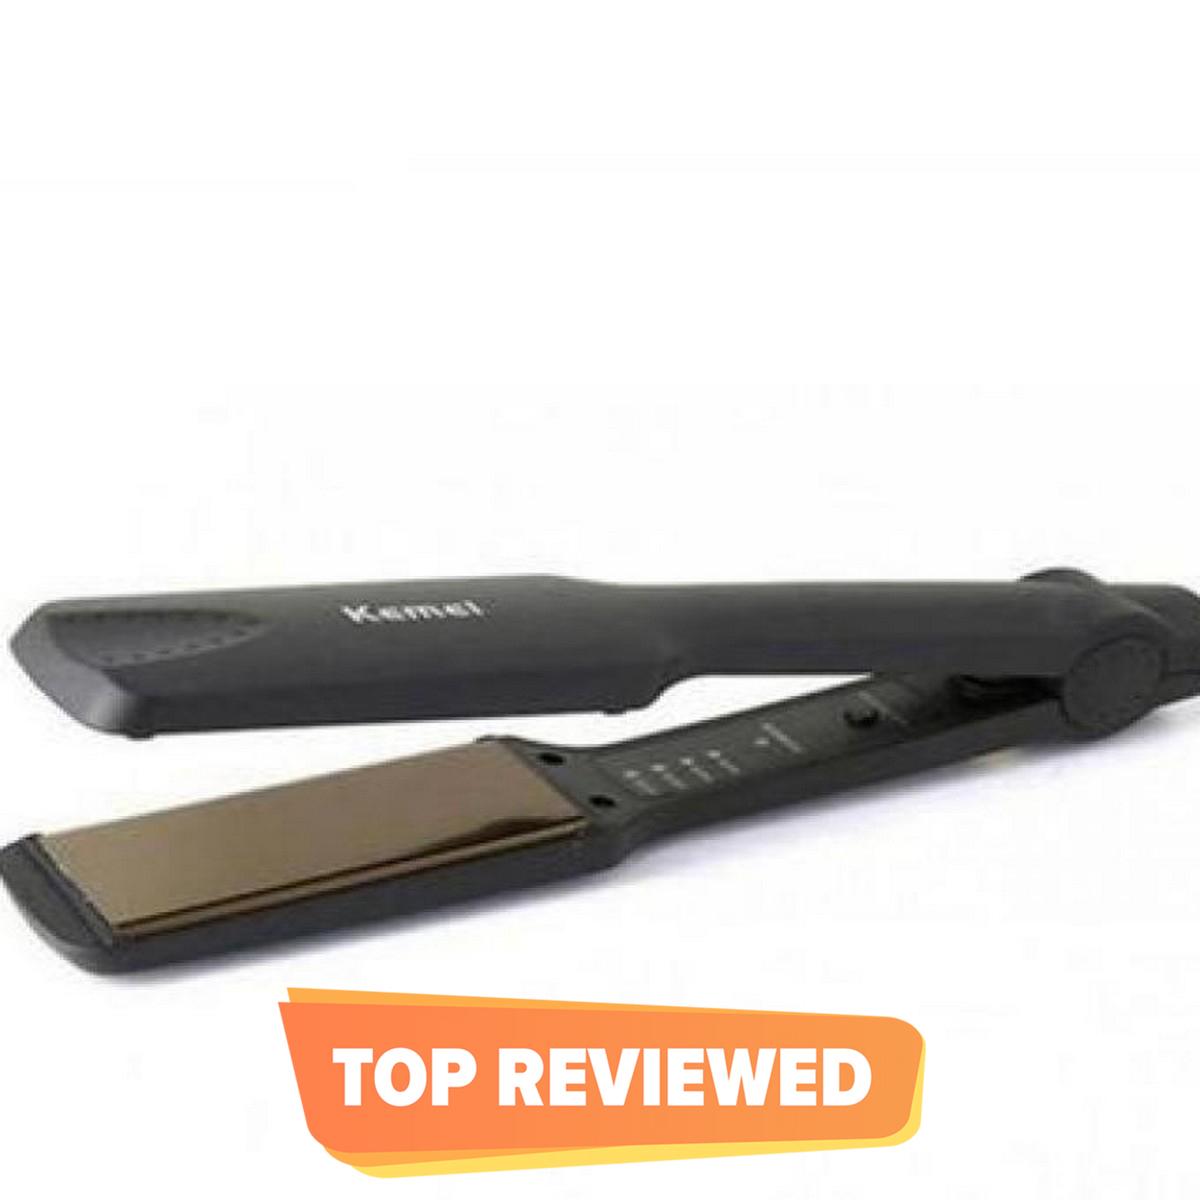 Kemei Km-329 - Professional Hair Straightener